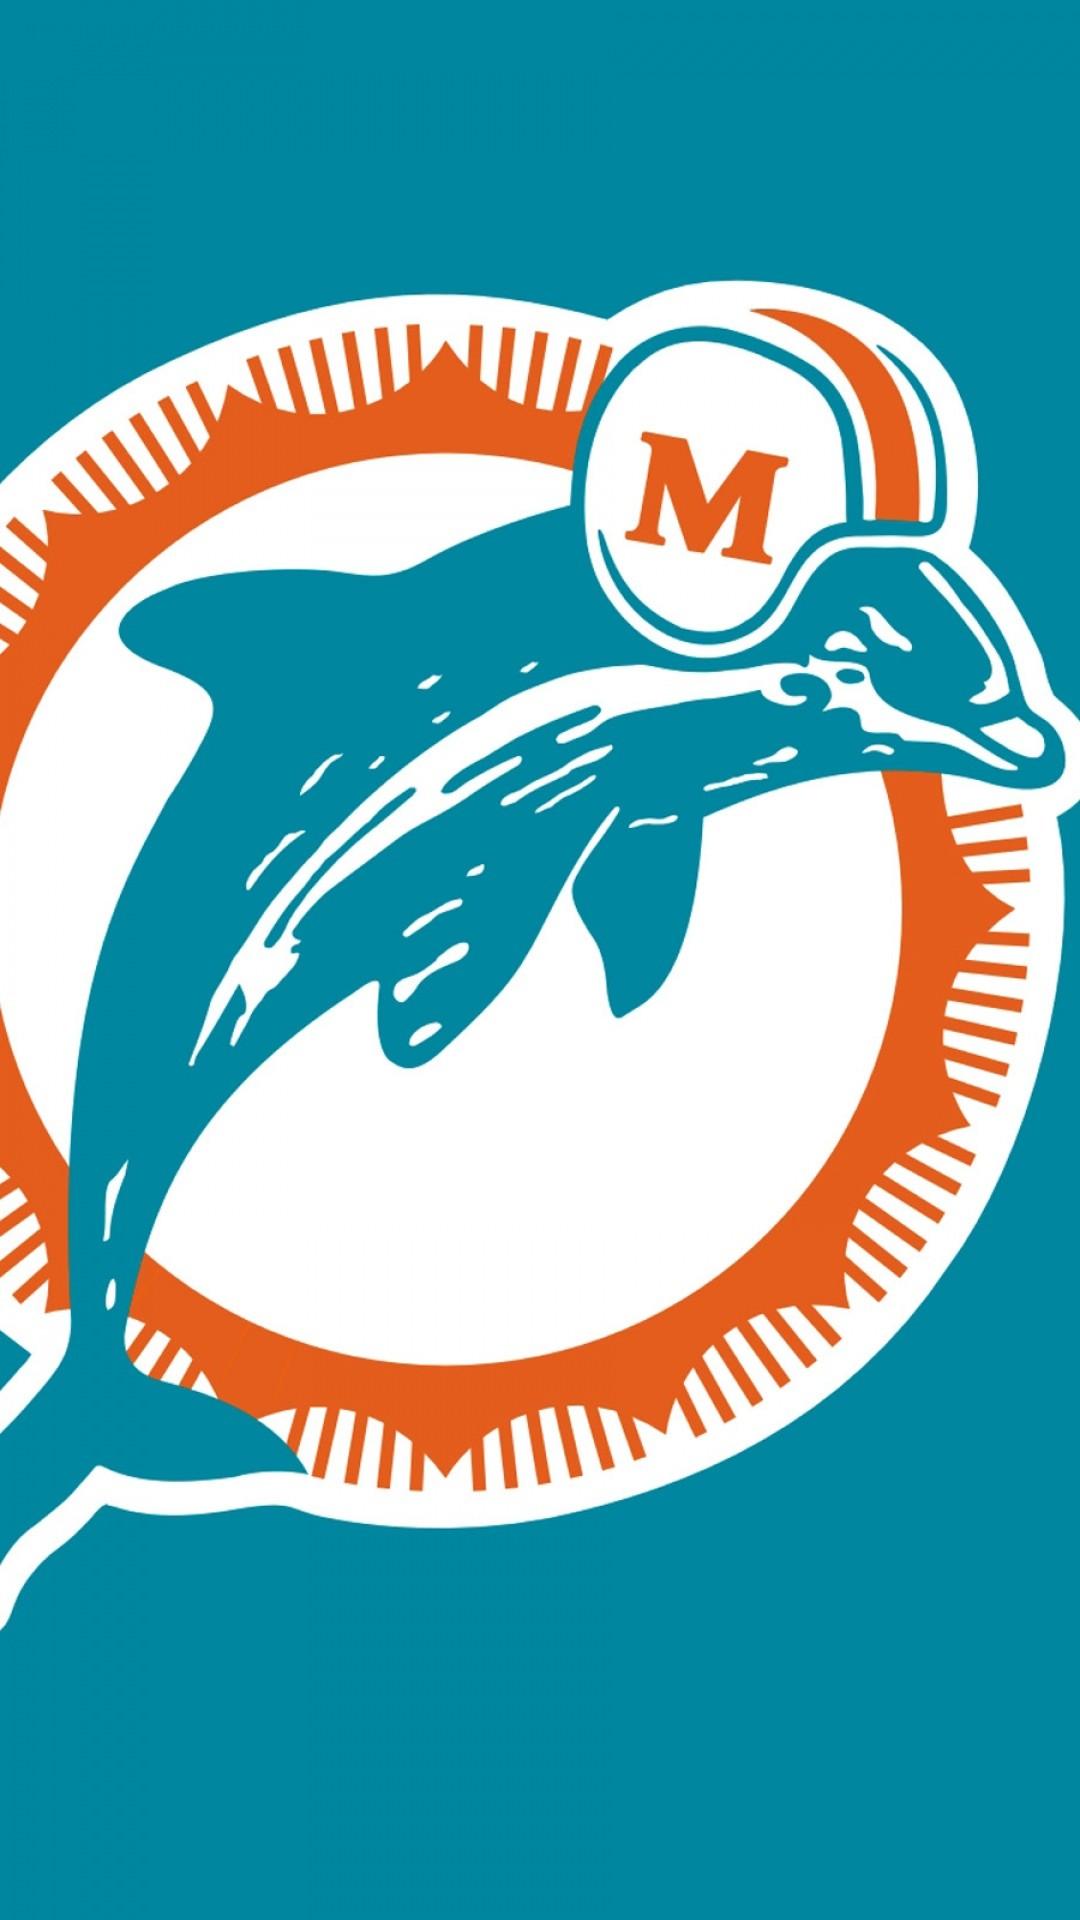 Wallpaper miami dolphins, logo, football club, miami